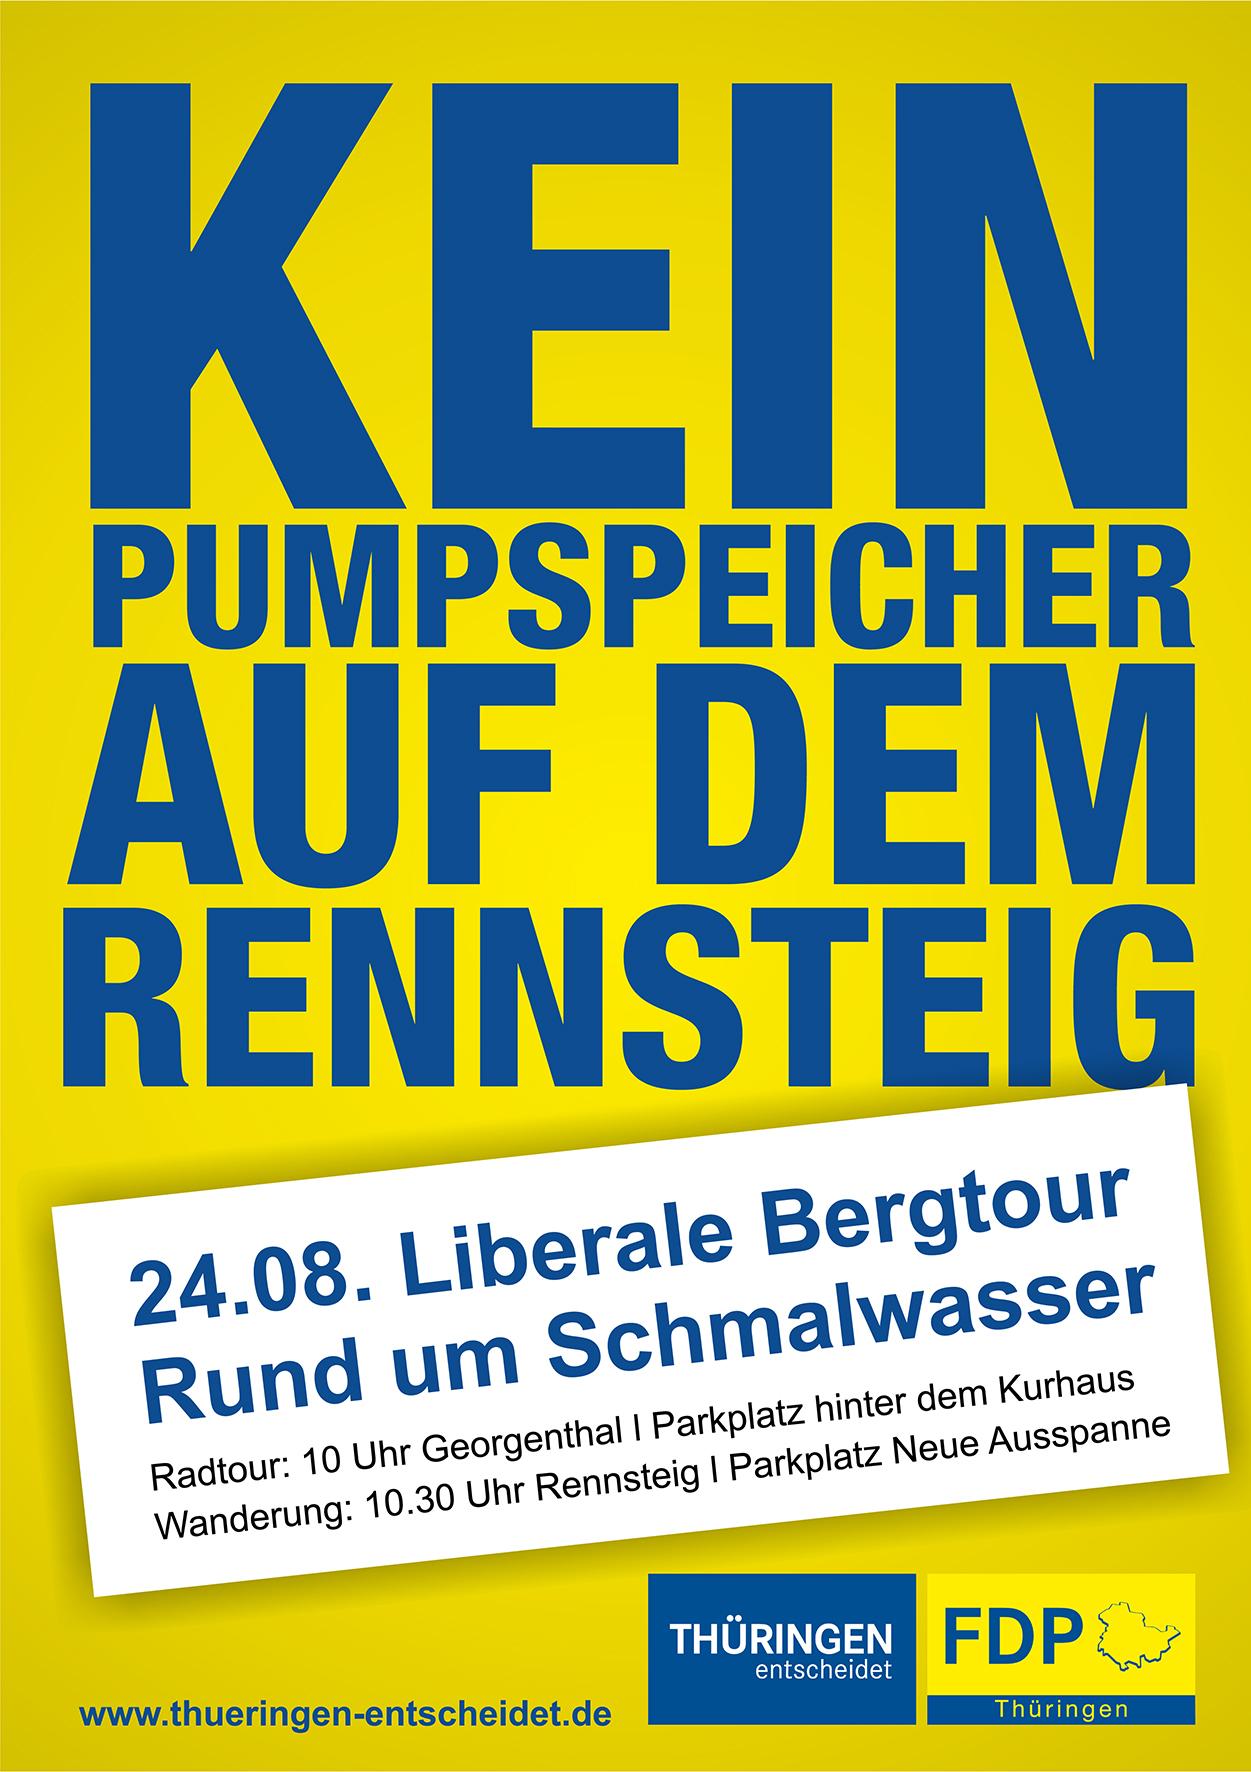 FDP bekräftigt Ablehnung